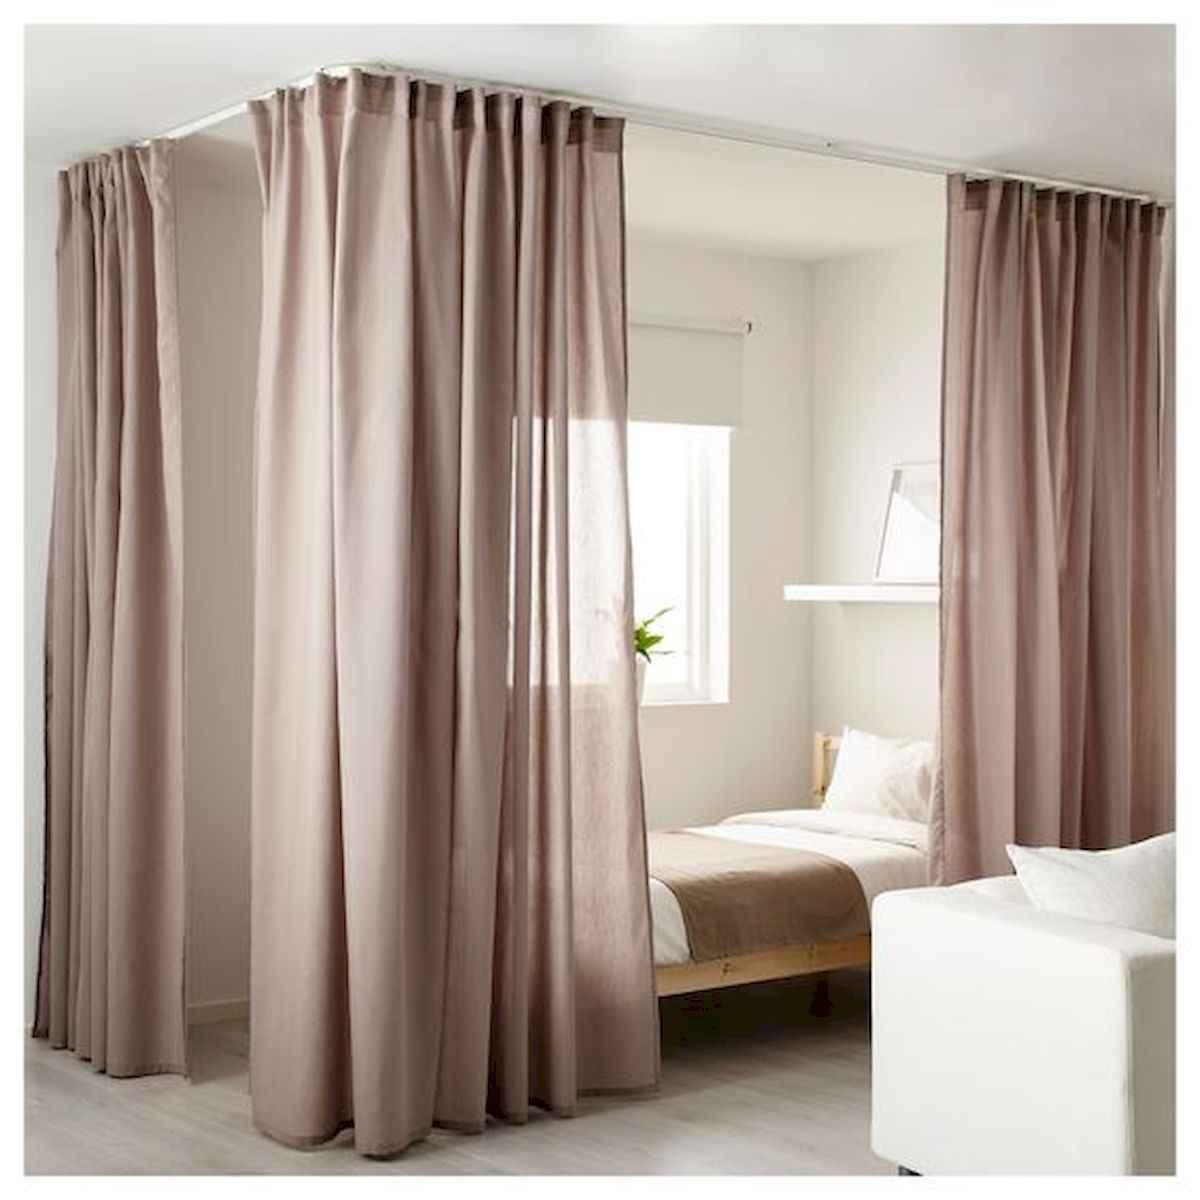 40 Favorite Studio Apartment Room Dividers Curtains Design Ideas and Decor (29)